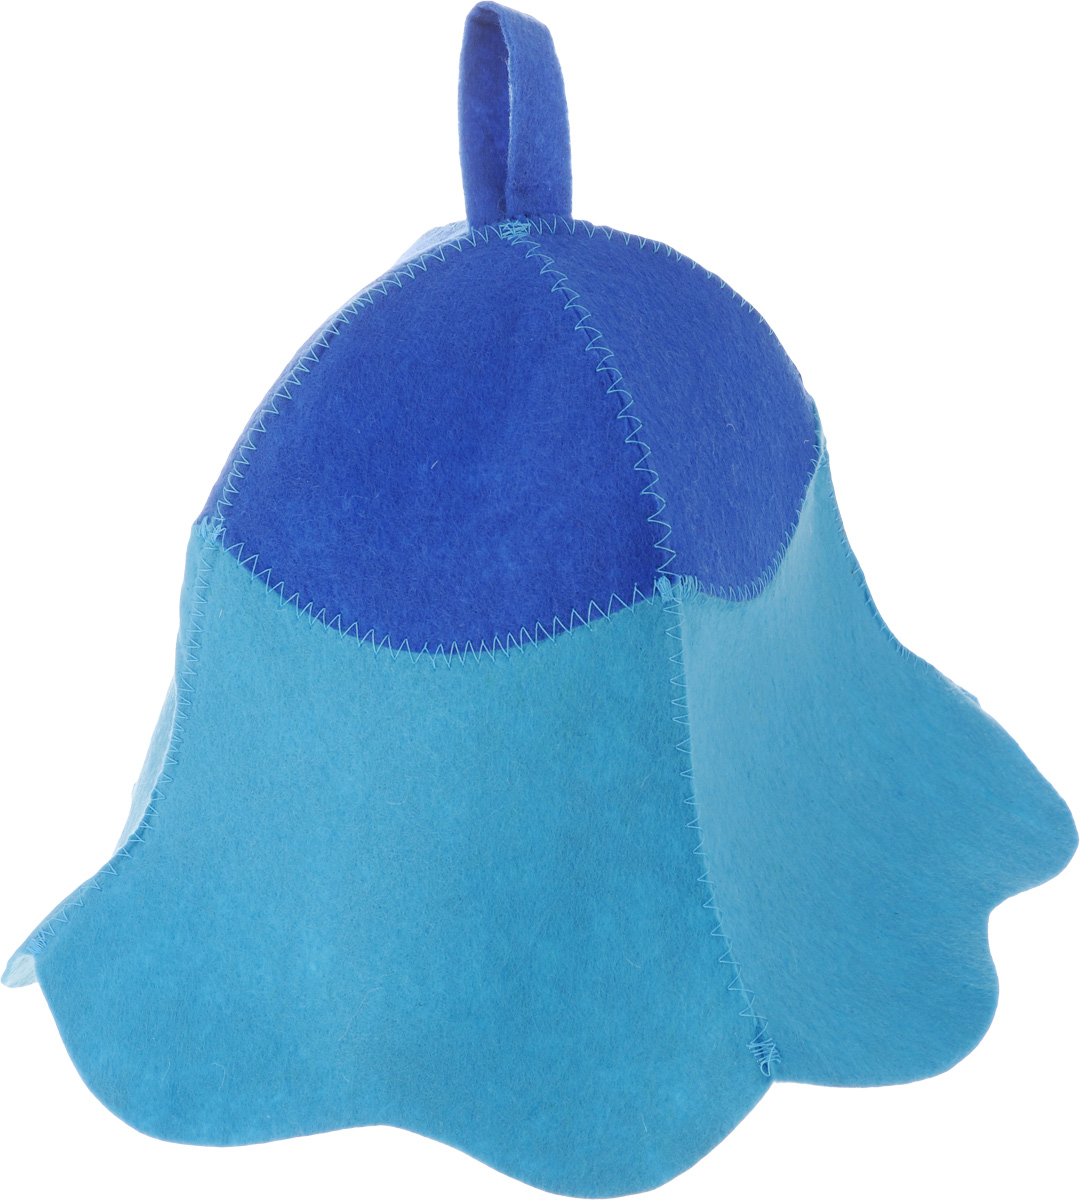 Шапка для бани и сауны Доктор баня Дюймовочка, цвет: голубой, синий787502Шапка для бани и сауны Доктор баня Дюймовочка изготовлена из фильца (100% полиэстер) - нетканого полотна. Это незаменимый аксессуар для любителей попариться в русской бане и для тех, кто предпочитает сухой жар финской бани. Необычный дизайн изделия поможет сделать ваш отдых более приятным и разнообразным. При правильном уходе шапка прослужит долгое время - достаточно просушивать ее, подвешивая за петельку.Диаметр шапки по нижнему краю: 37 см.Высота шапки: 25 см.